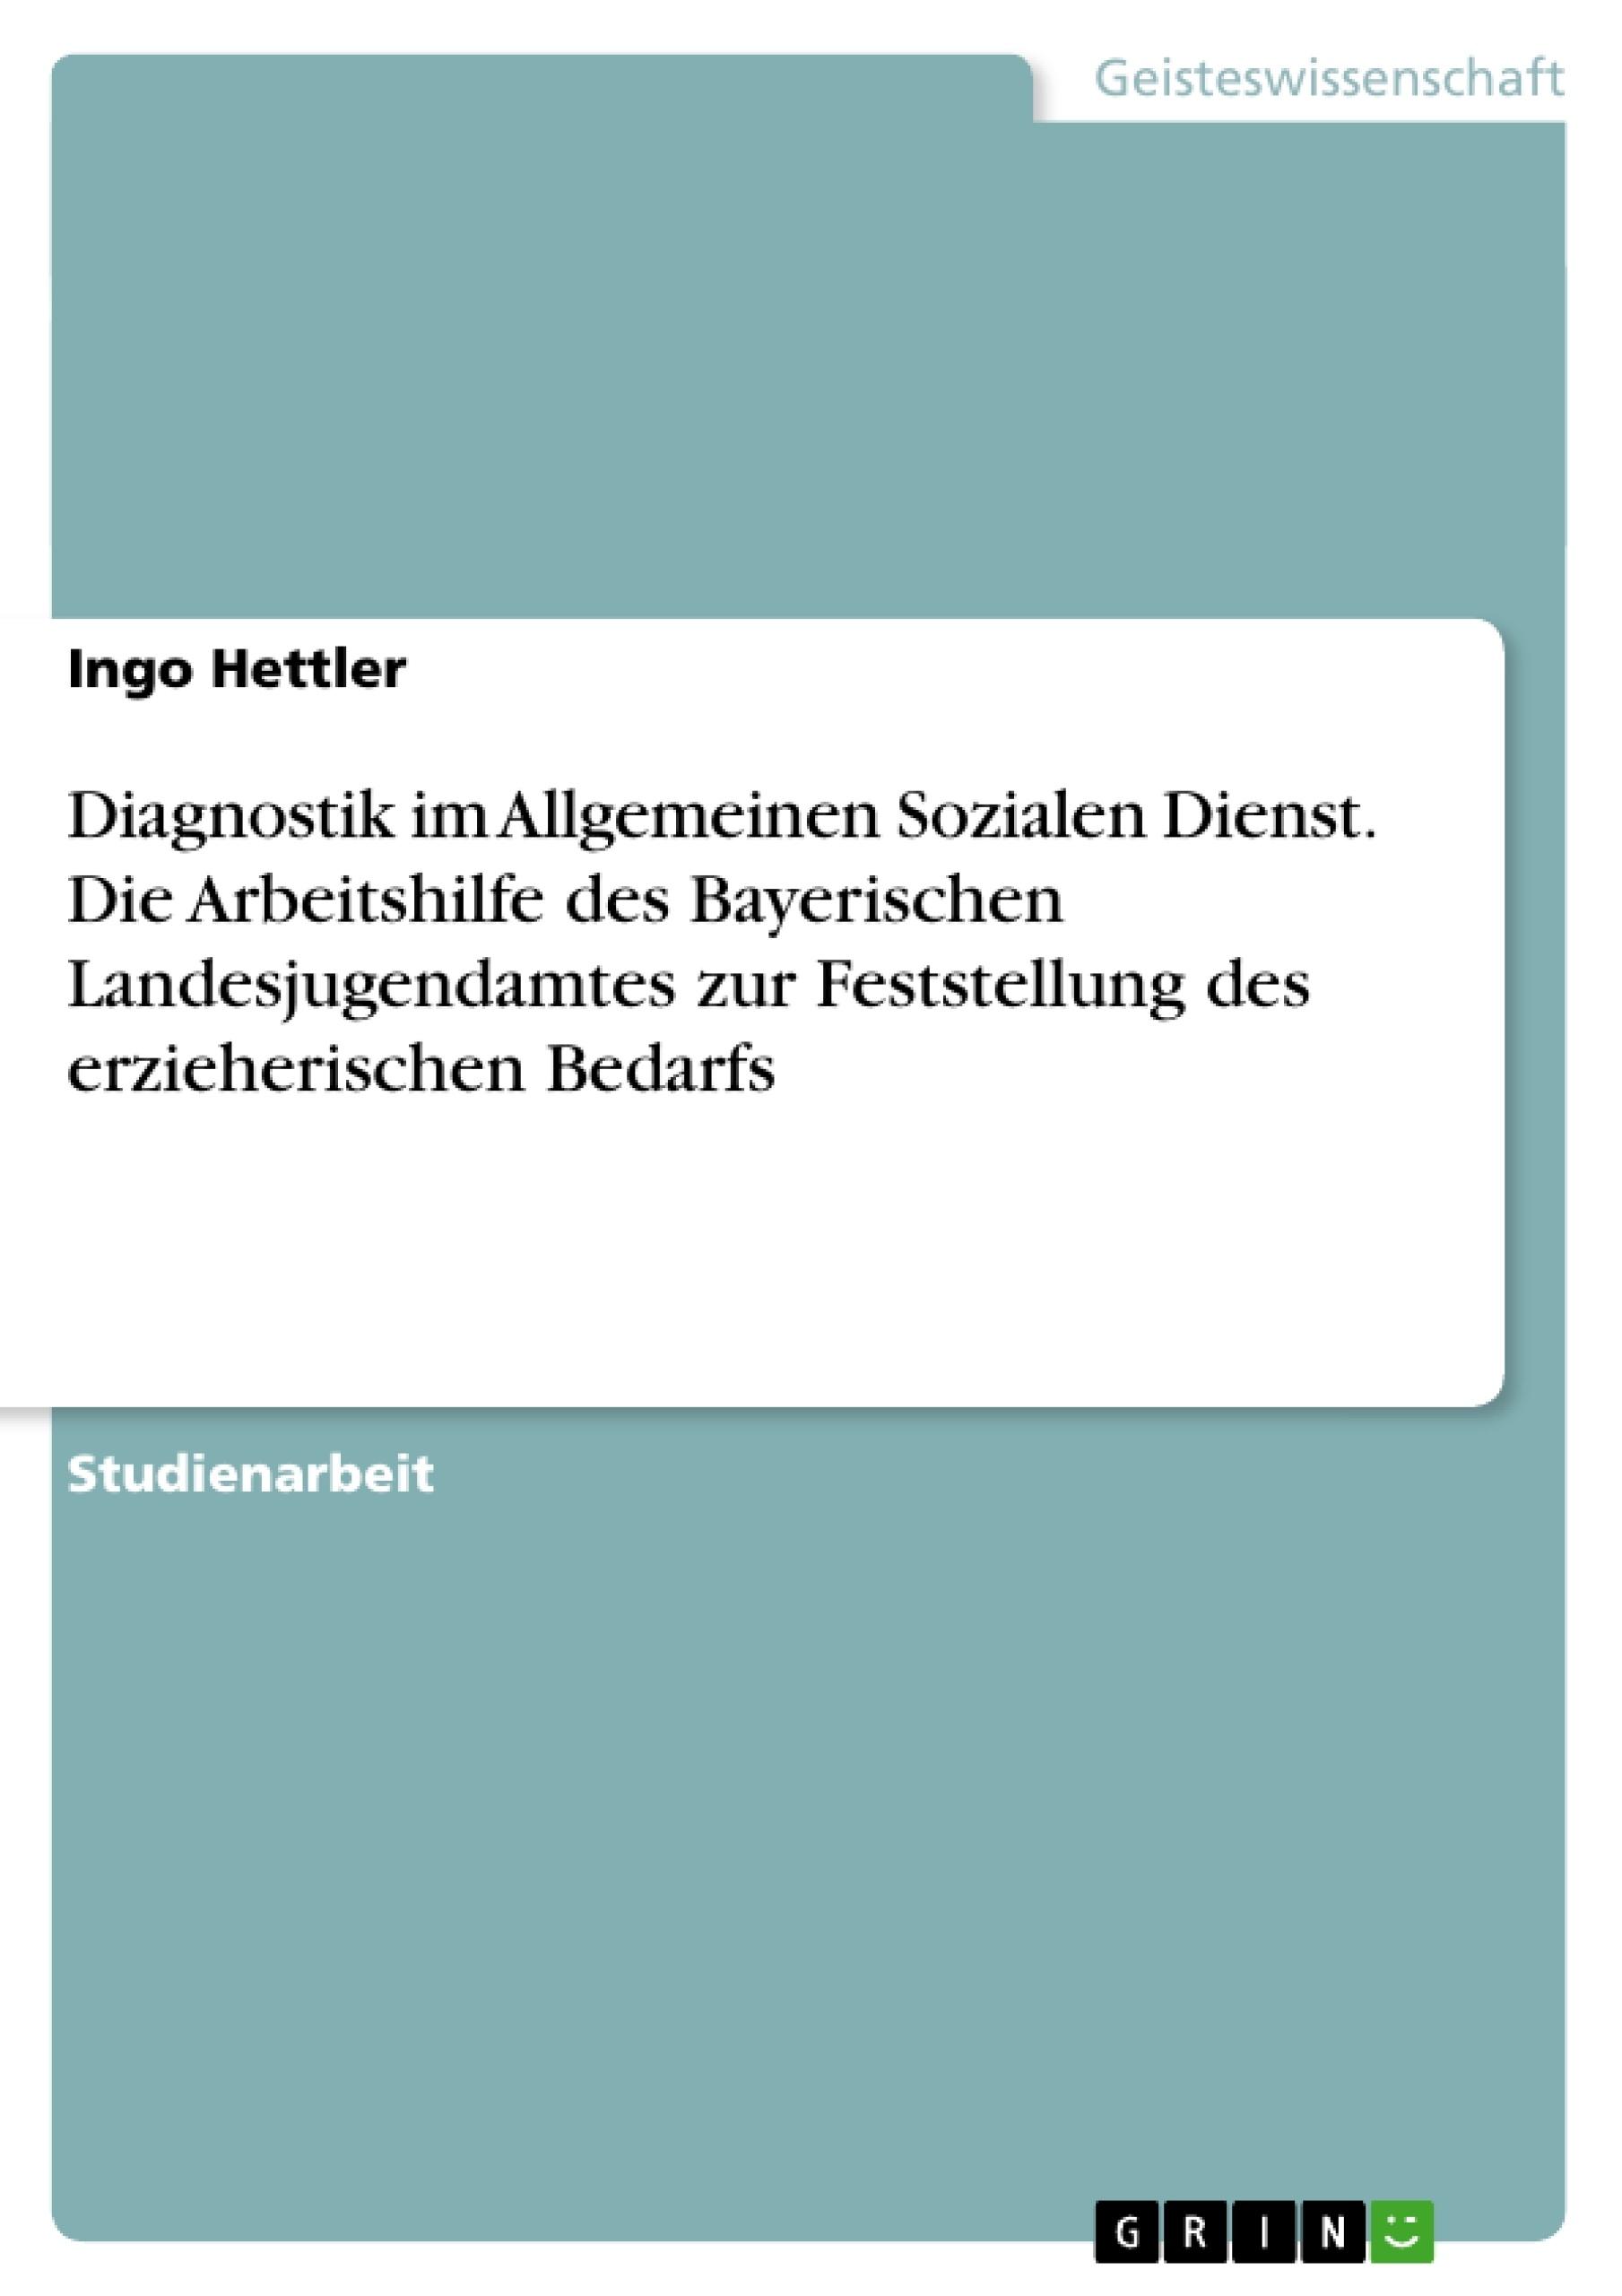 Titel: Diagnostik im Allgemeinen Sozialen Dienst. Die Arbeitshilfe des Bayerischen Landesjugendamtes zur Feststellung des erzieherischen Bedarfs